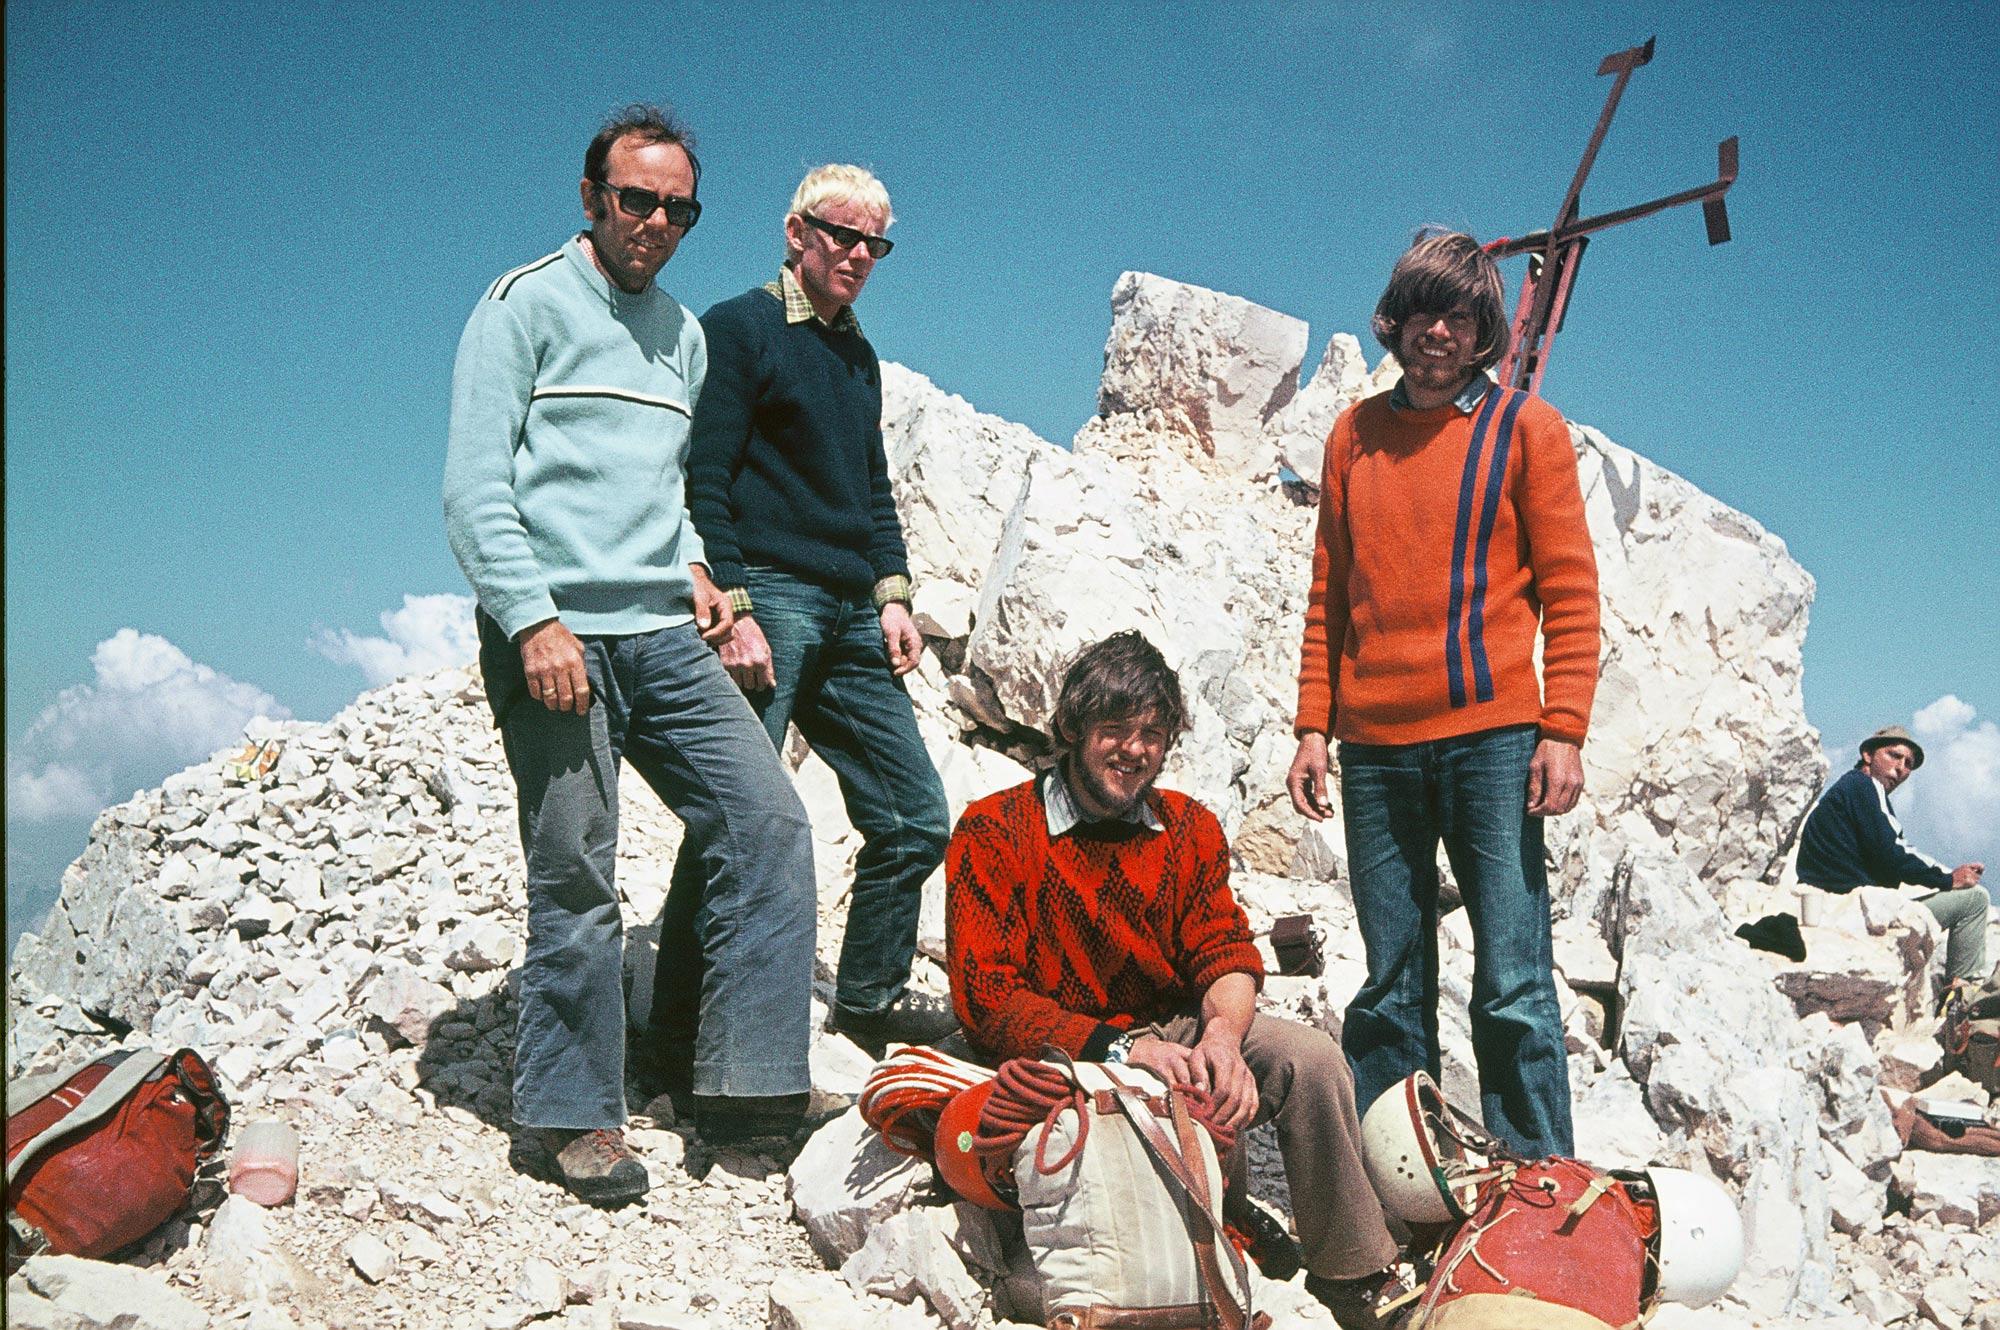 HG-Freunde am Gipfel des Pelmo: Luis Vonmetz, Jörgl Mayr,Jochen Gruber, Reinhold Messner. Foto: Archiv Vonmetz I bergundsteigen.blog